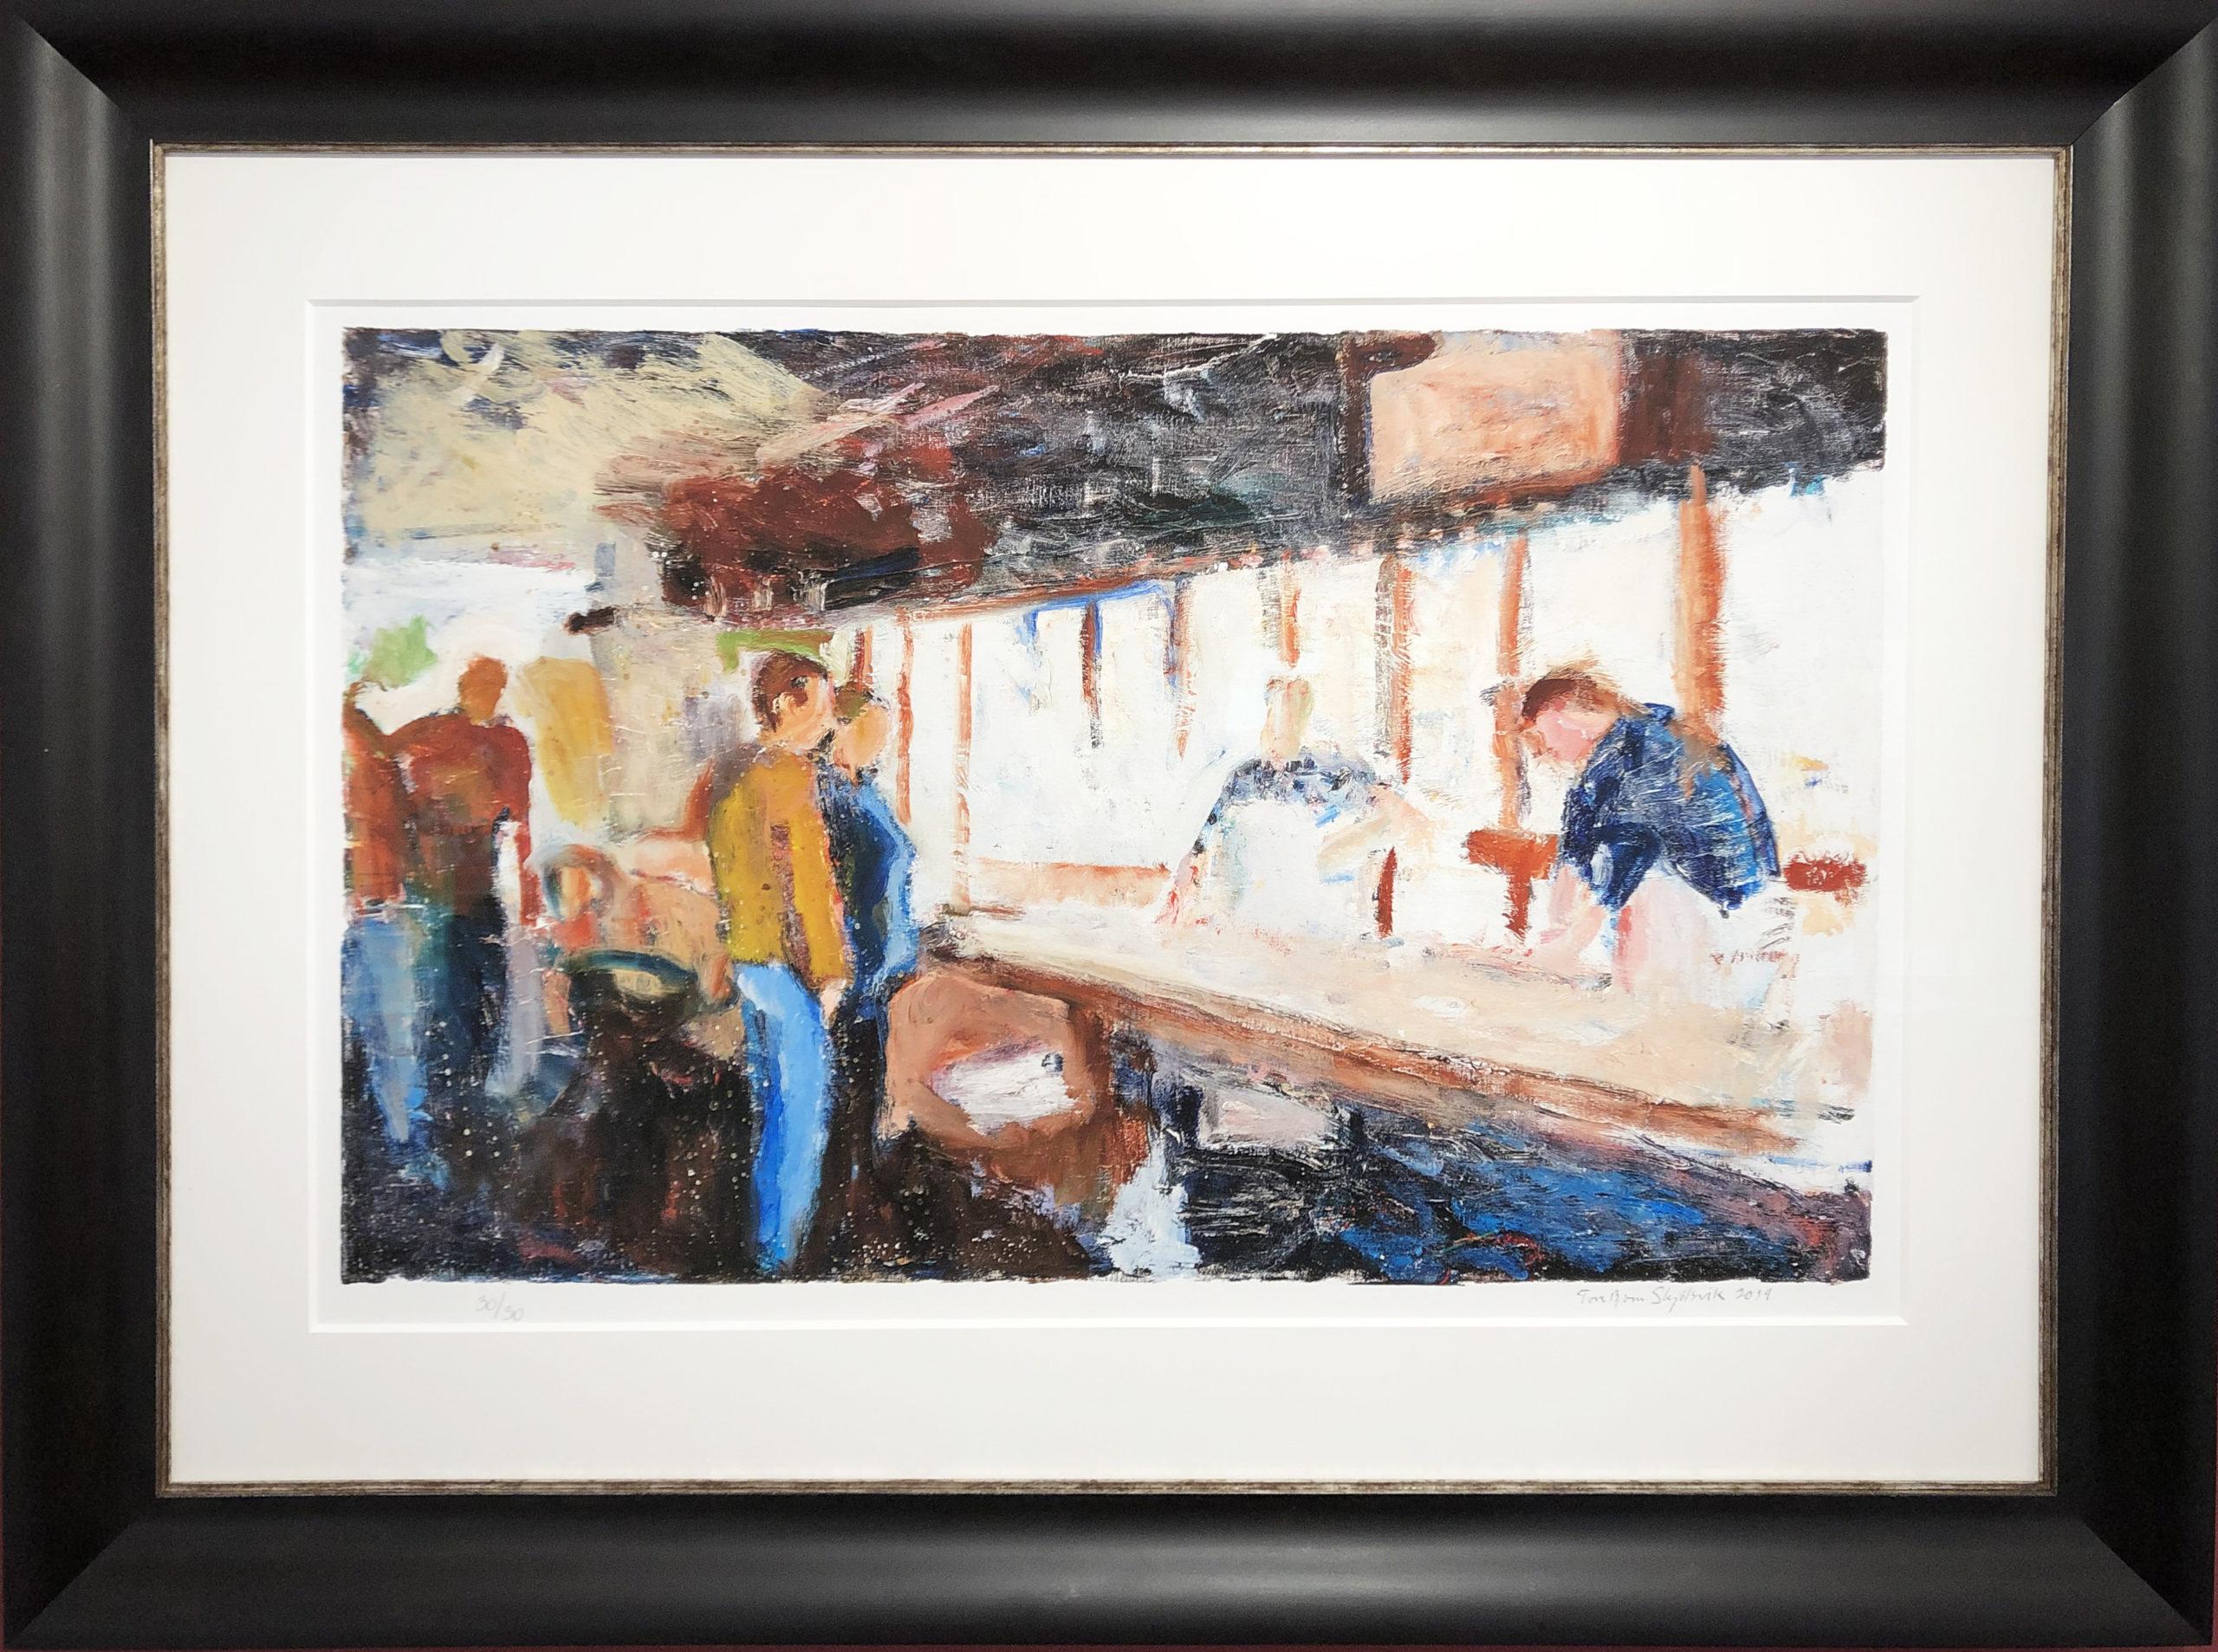 Bilde av kunsttrykket Hos Fiskehandleren